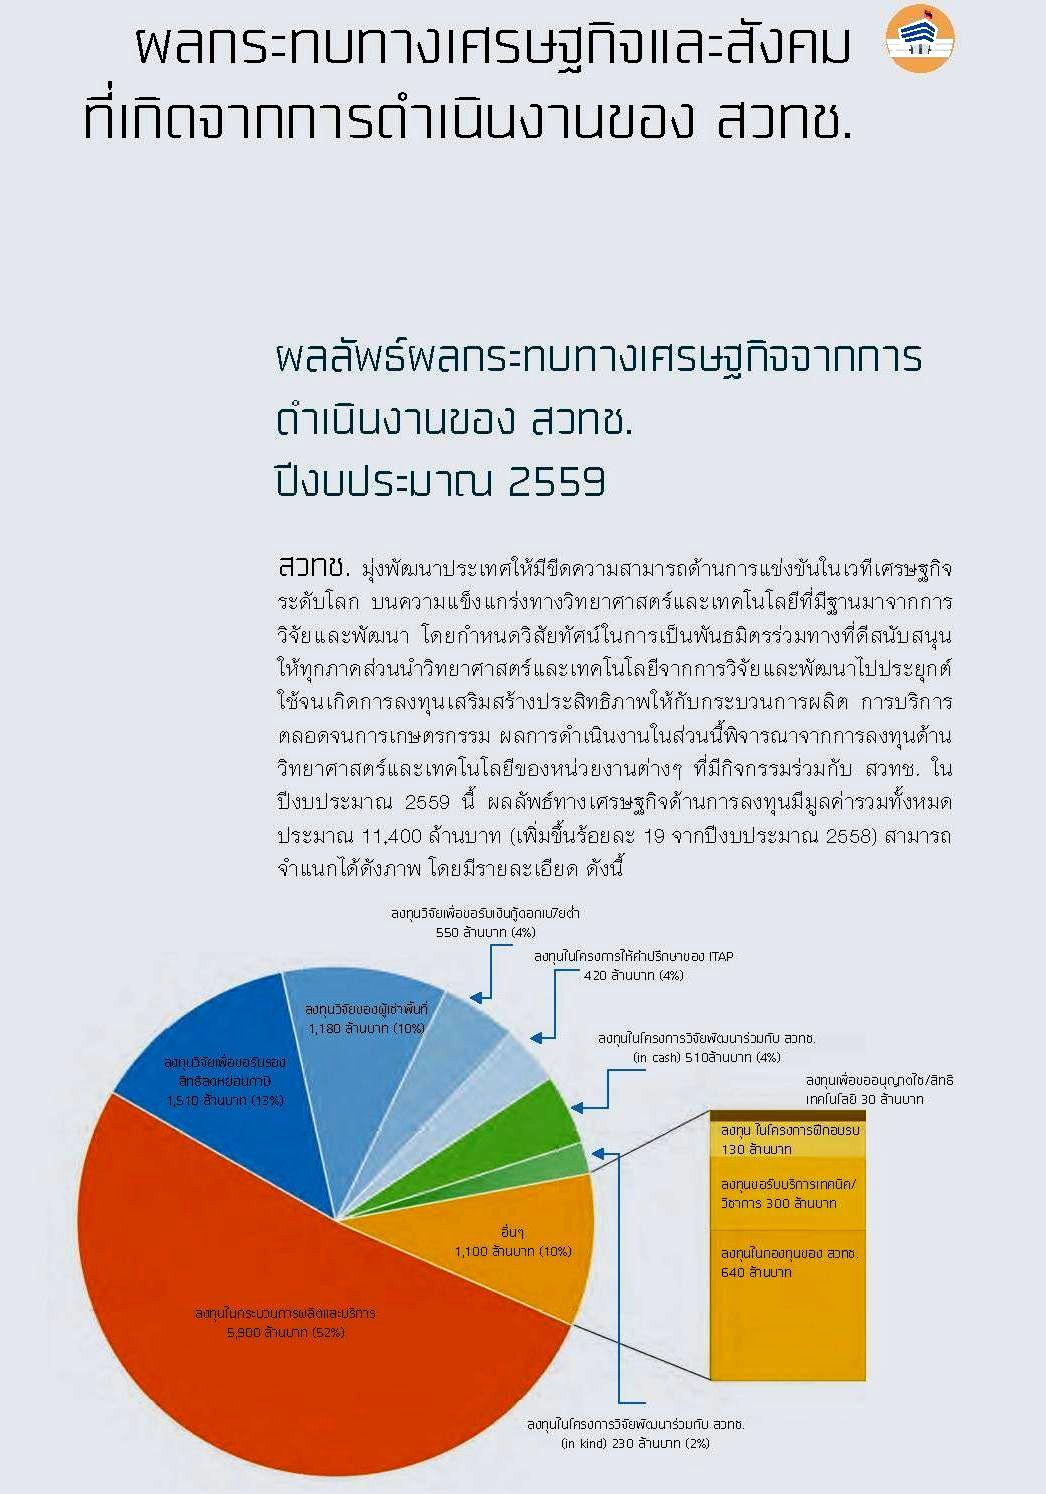 ผลกระทบทางเศรษฐกิจและสังคม